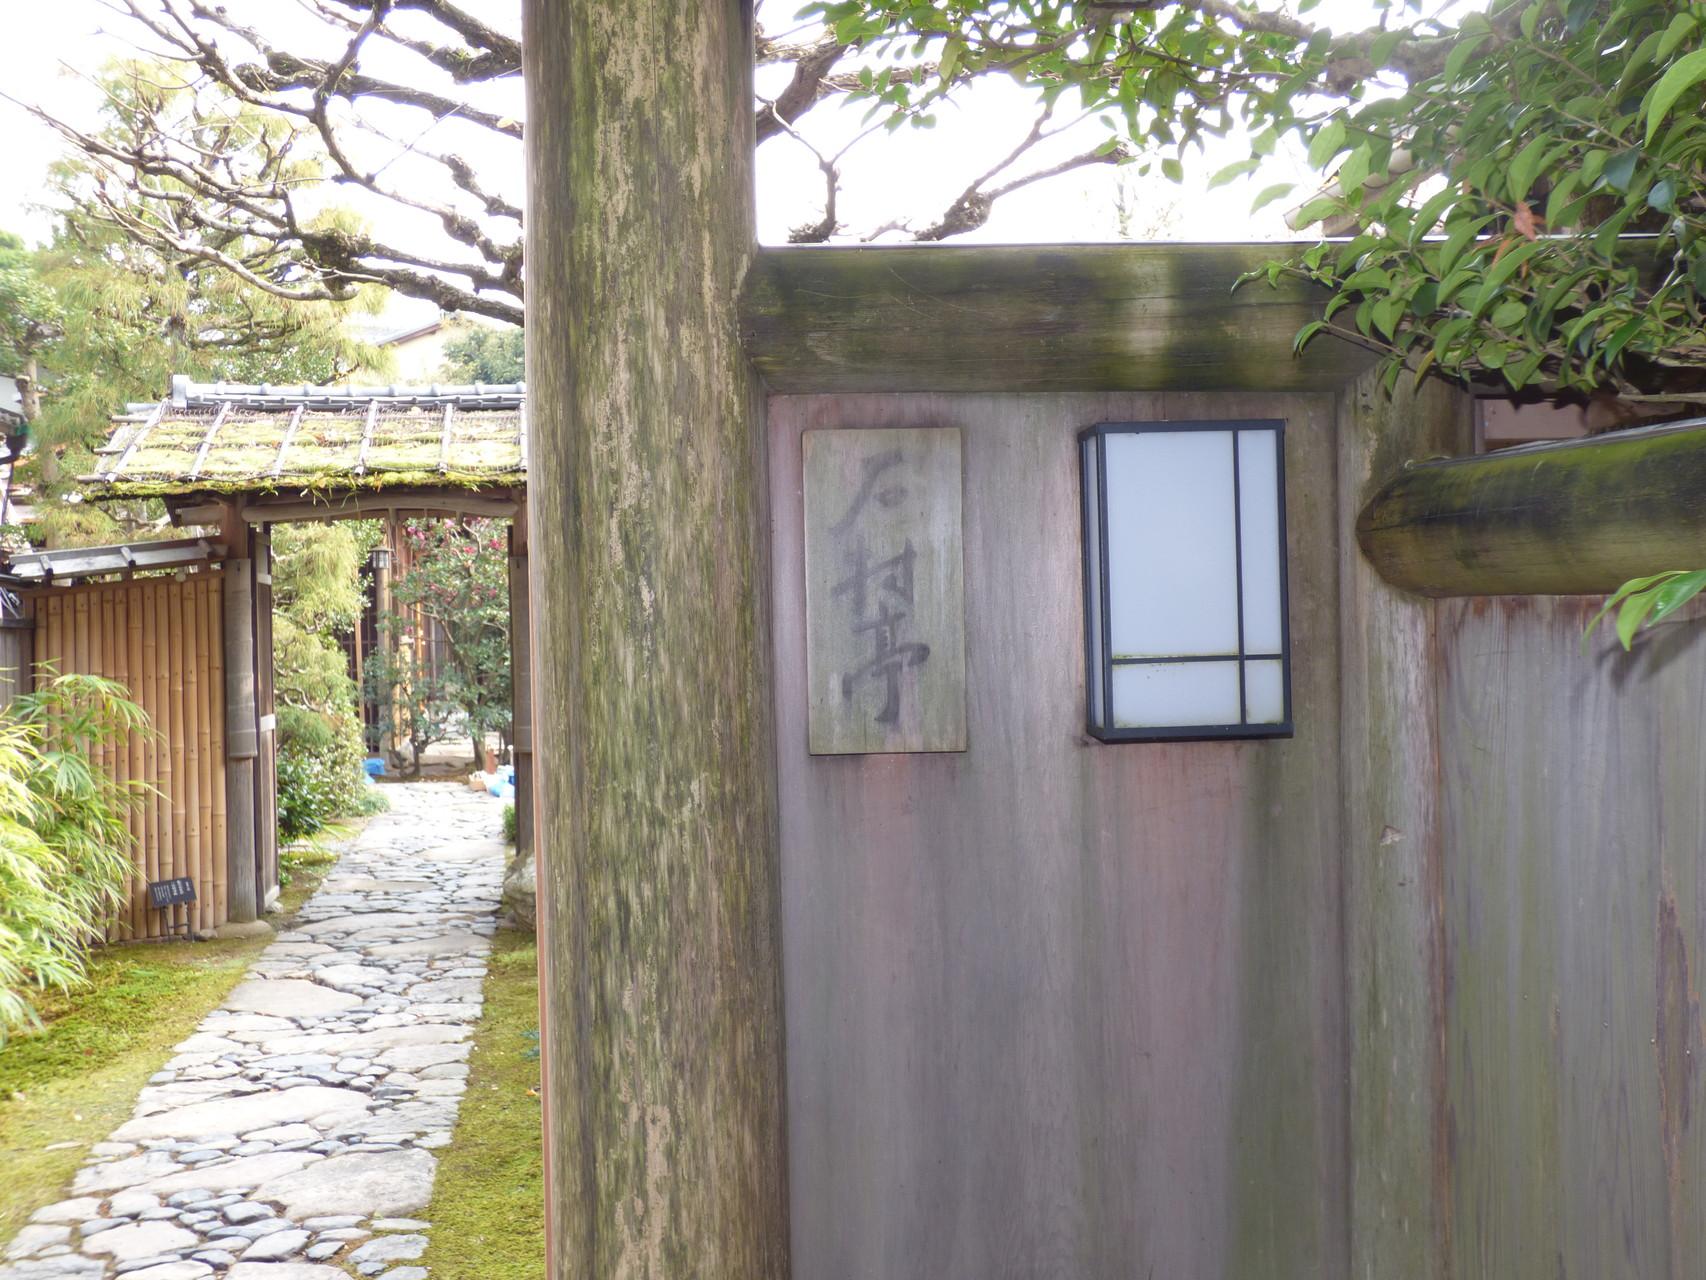 石村亭 谷崎潤一郎が7年間過ごした家があります